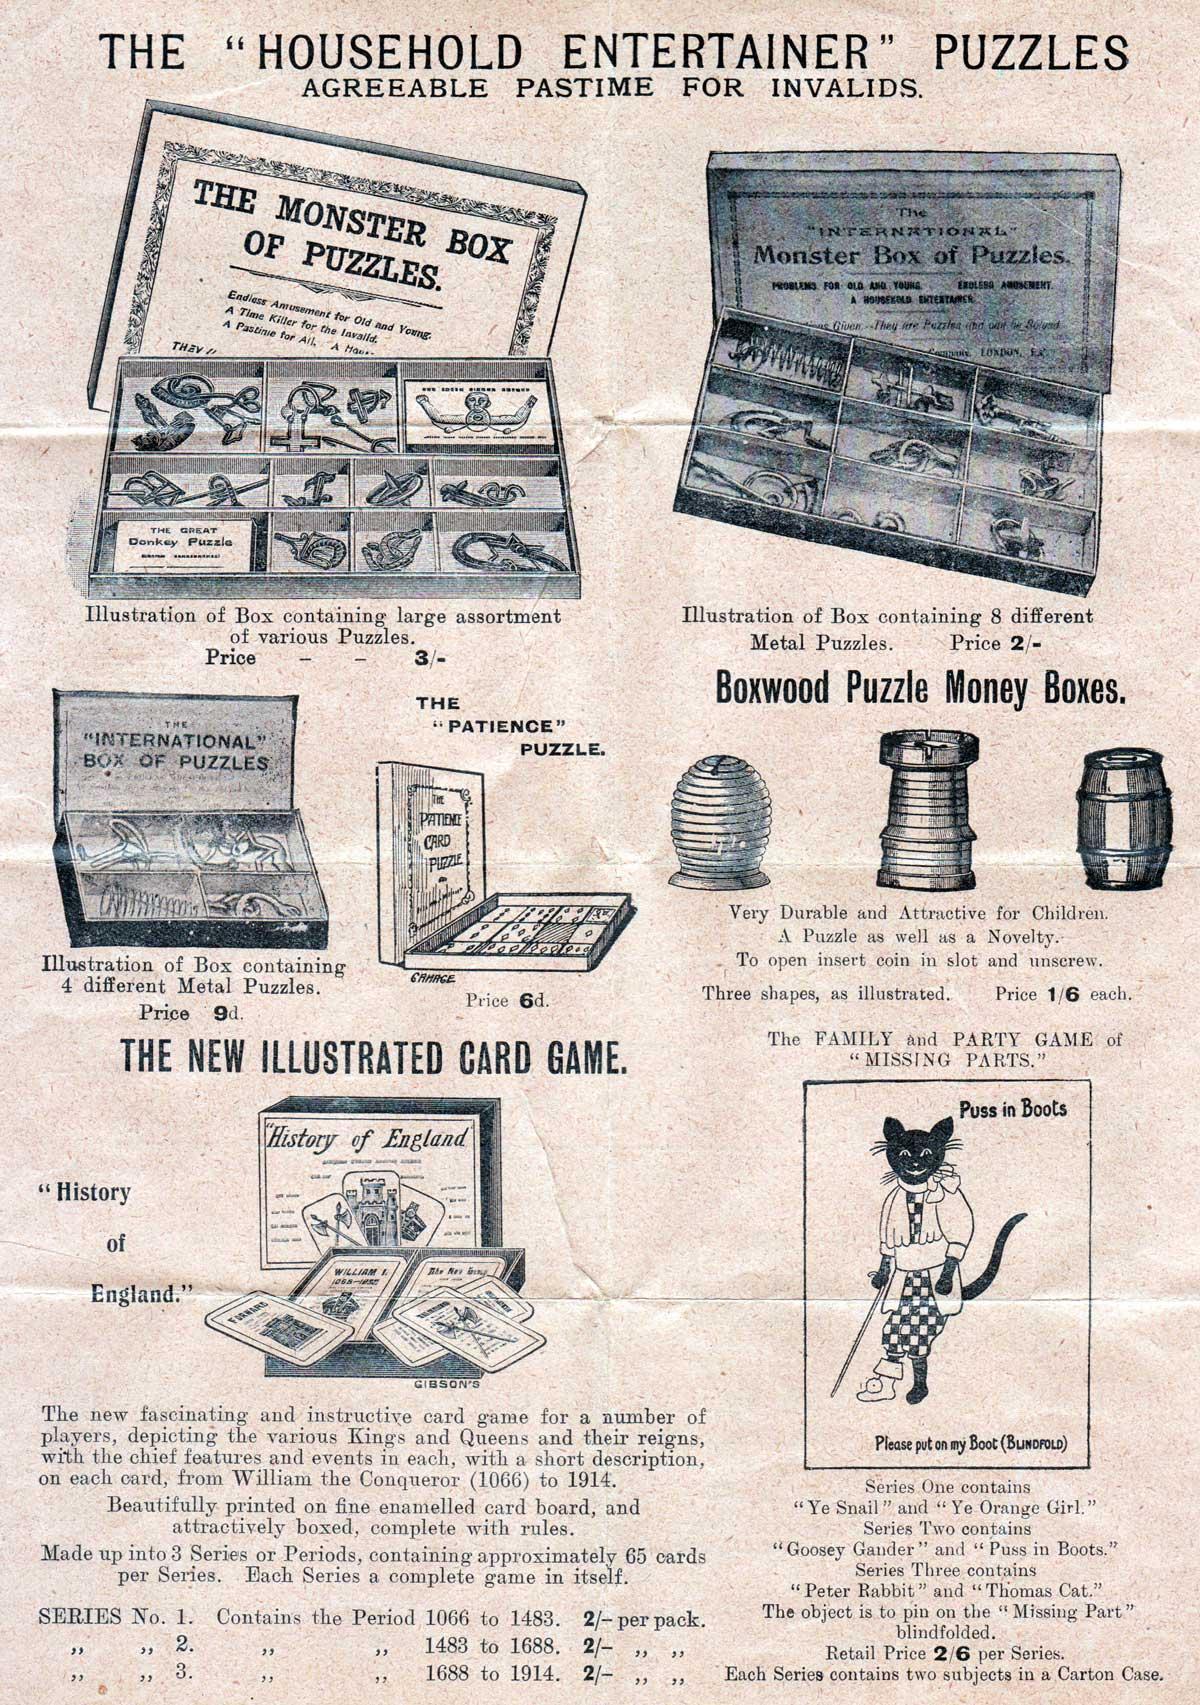 Thos De La Rue & Co. Games Leaflet, c.1910